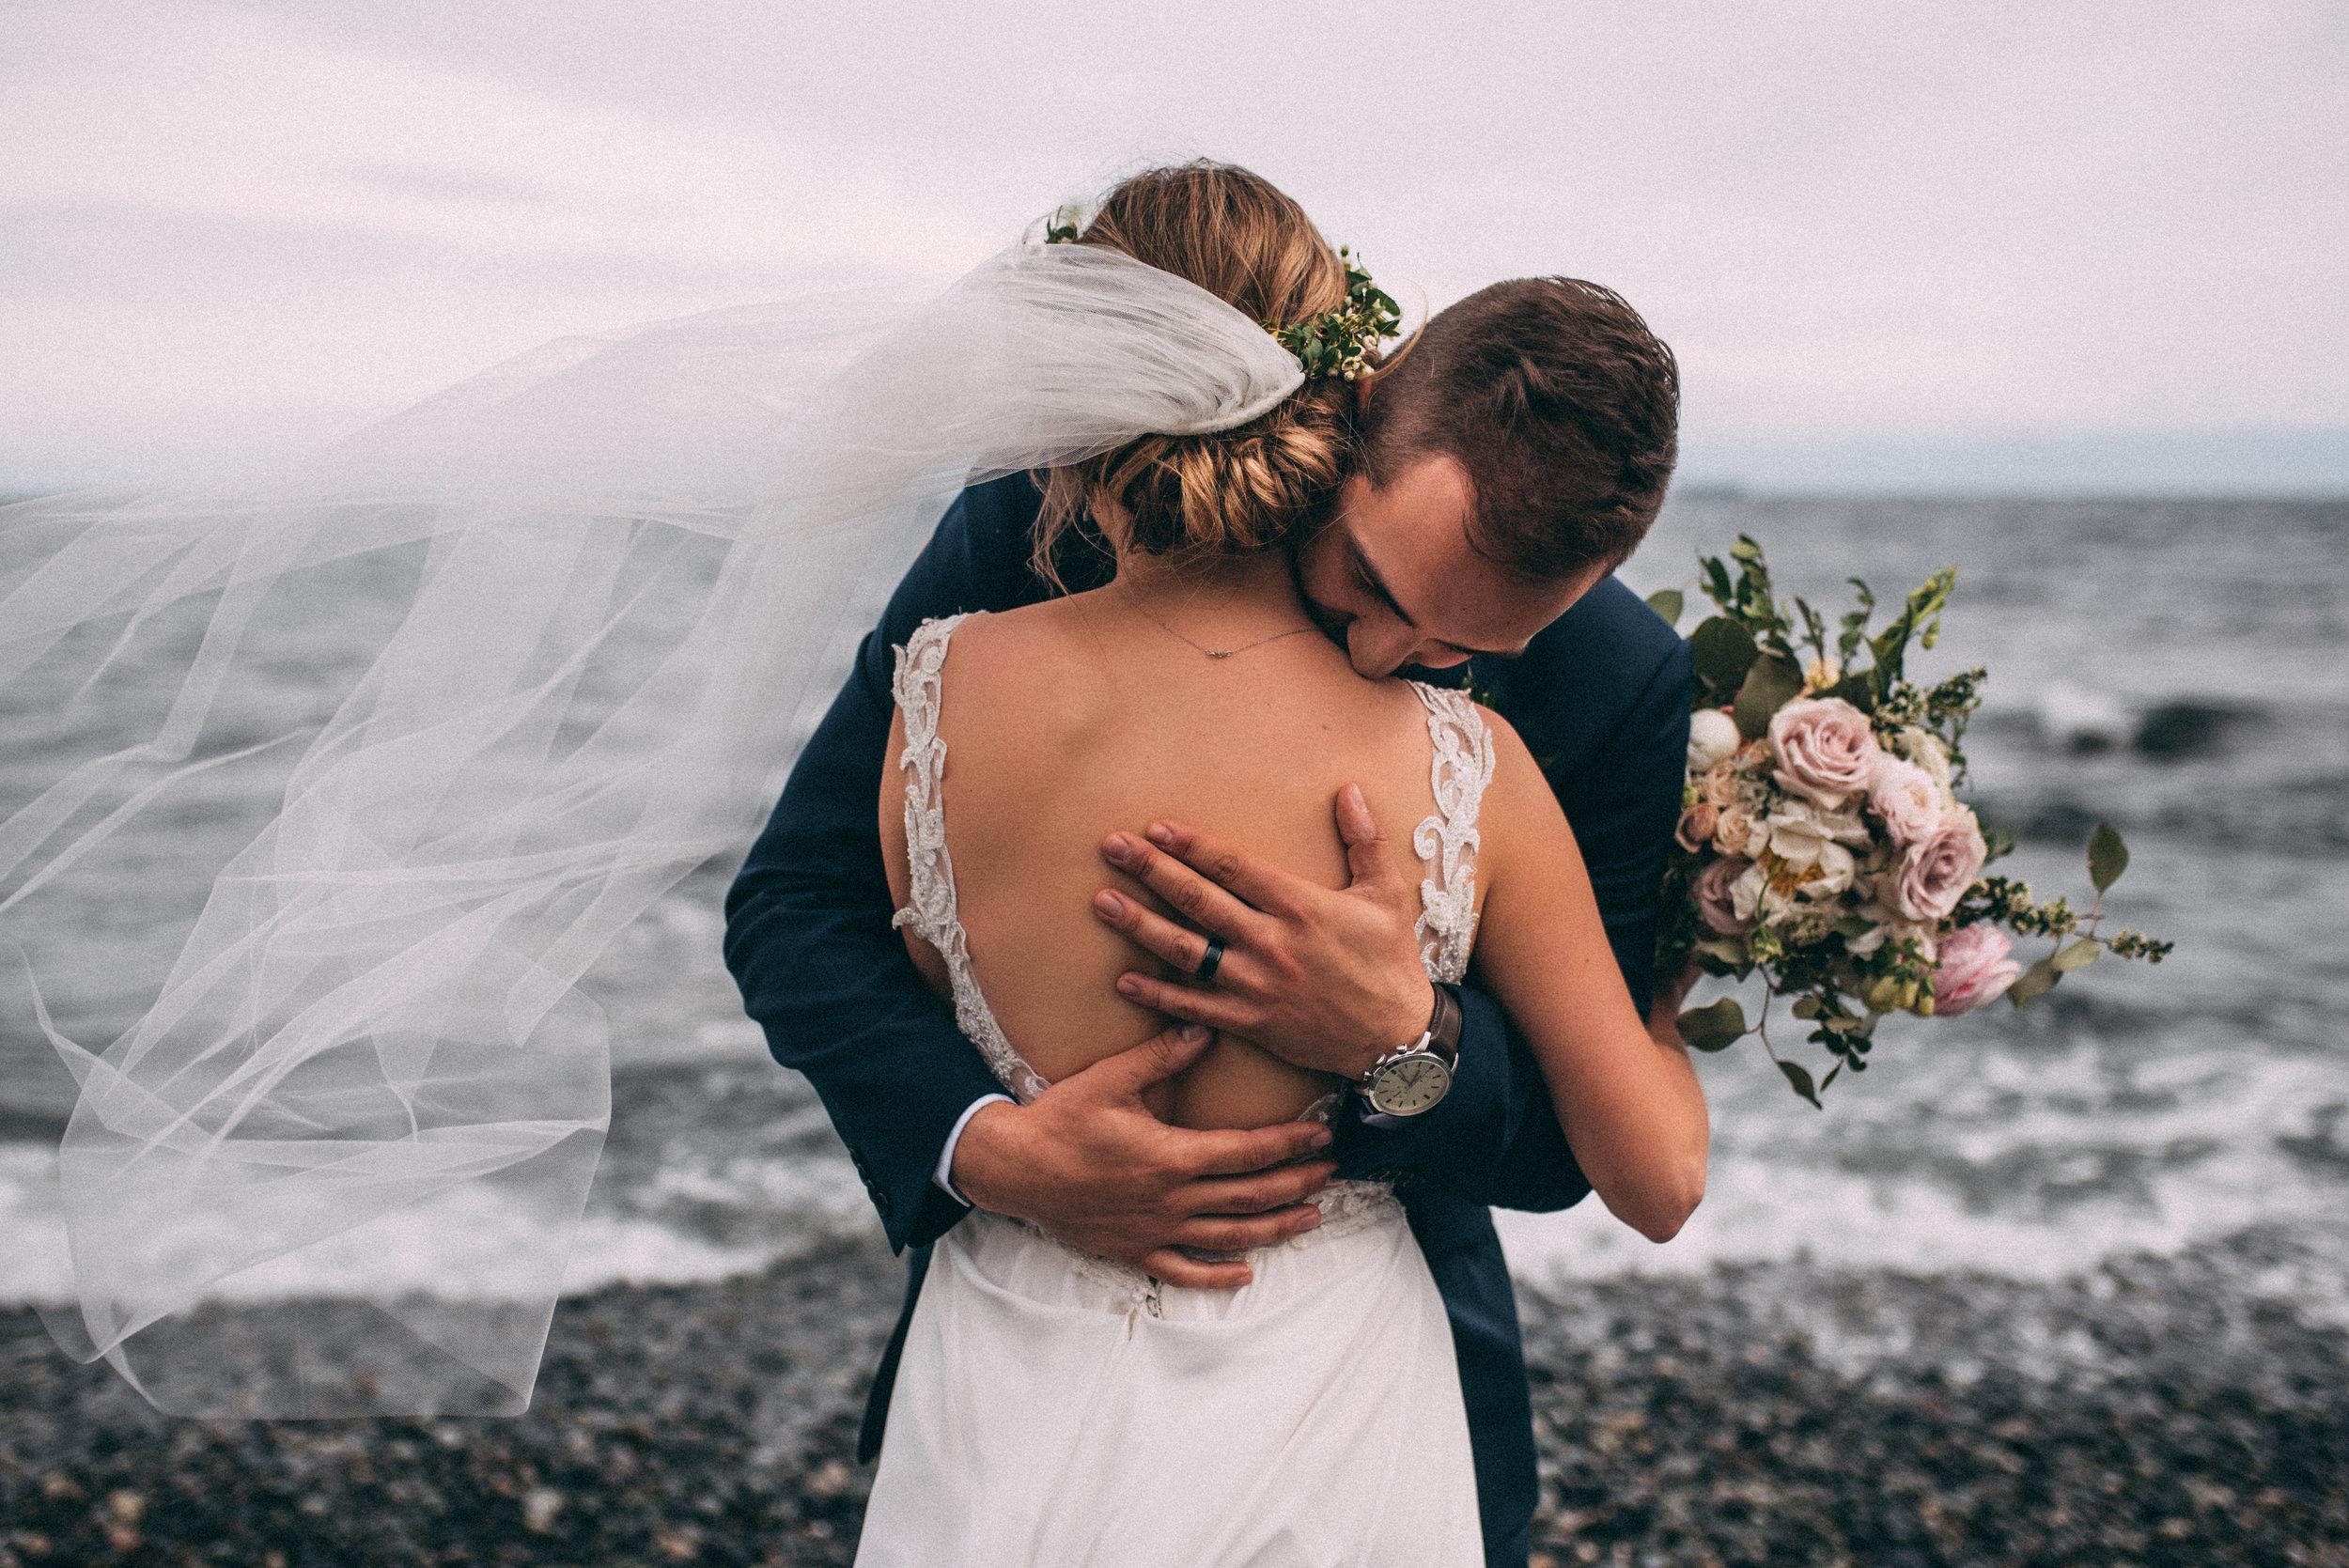 Amanda&EricMoisanVictoriaWedding-May26,2018-LauraOlsonPhotography-7806.jpg